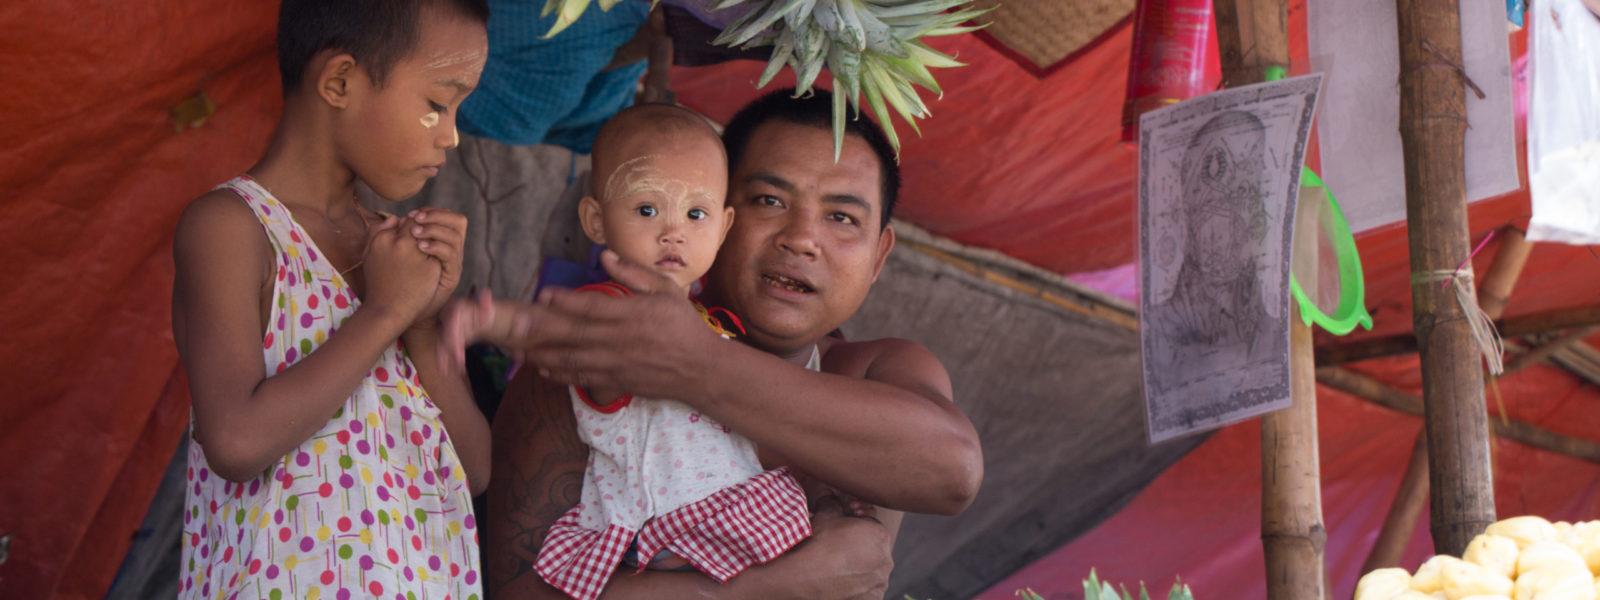 To Dala & Twante - Man and family at market stall - Dala - Sampan Travel